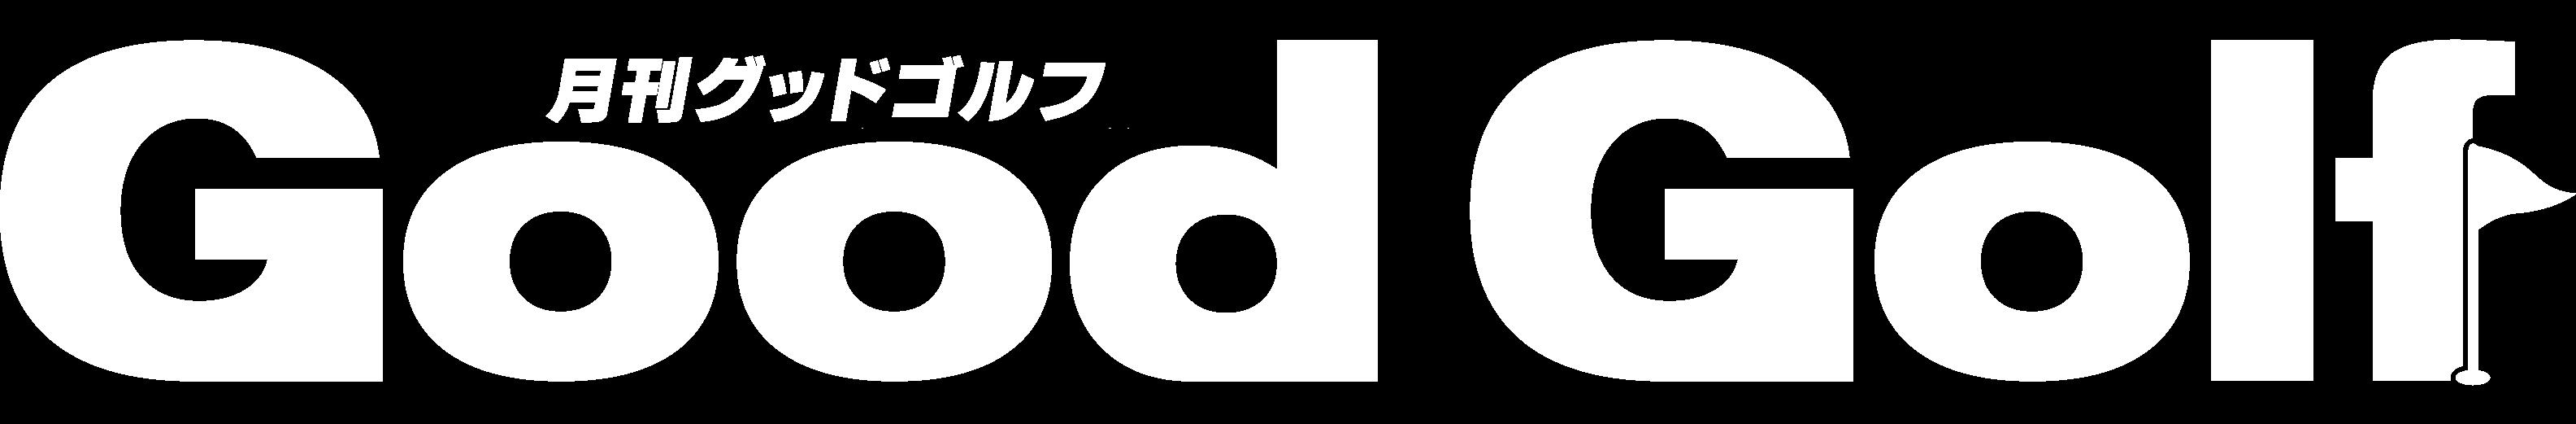 月刊グッドゴルフロゴ